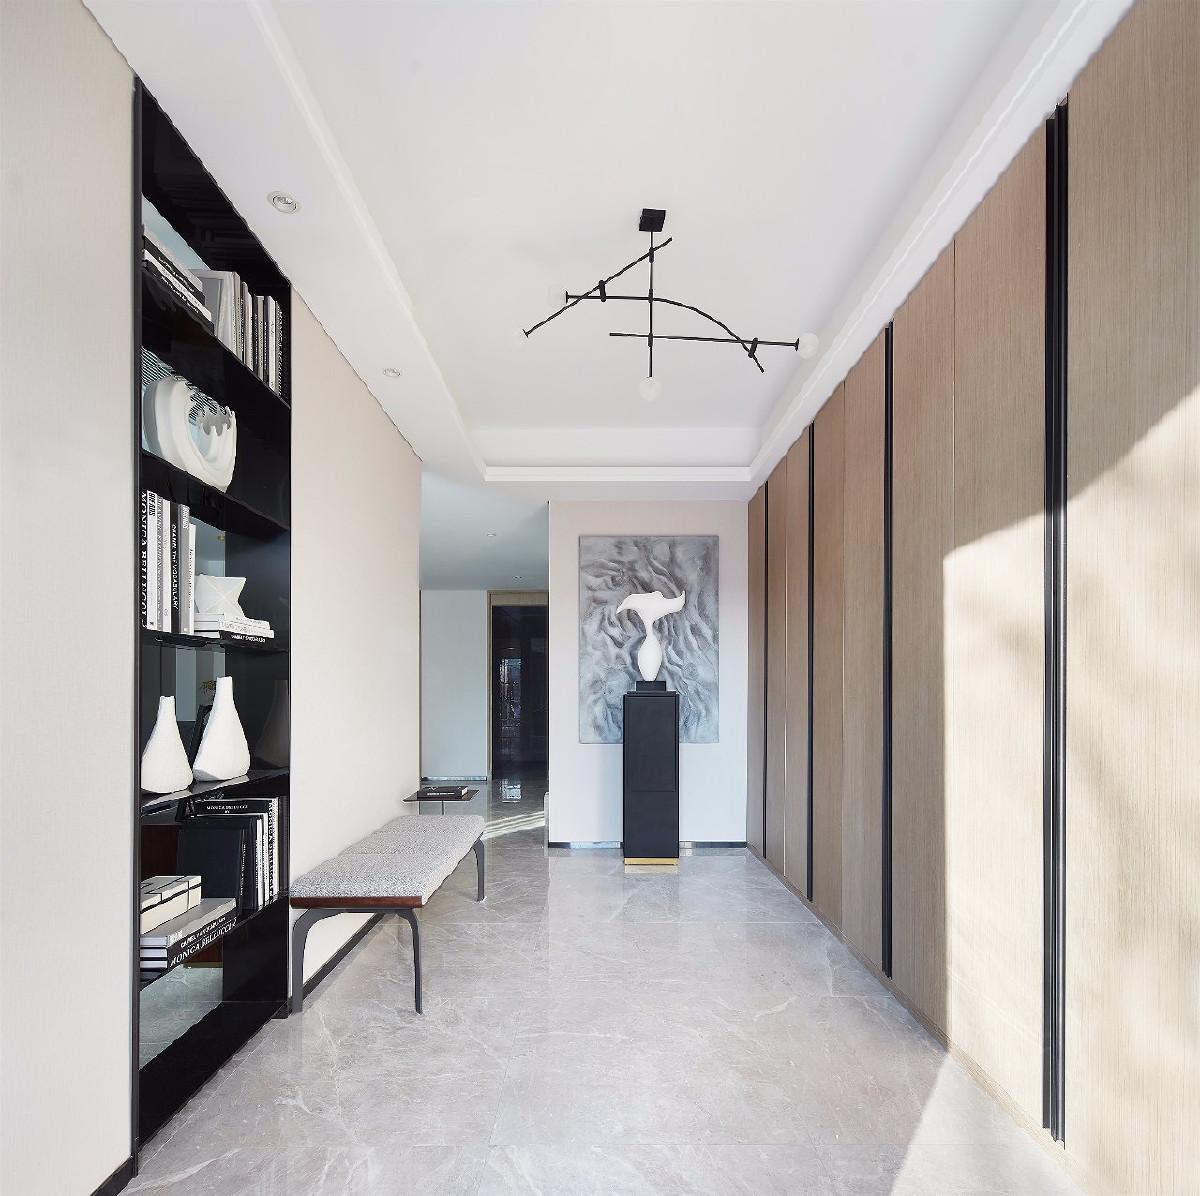 玄关内,长榻、连排收纳柜、独特的雕塑与抽象画,无不散发着令人向往的简约气息。